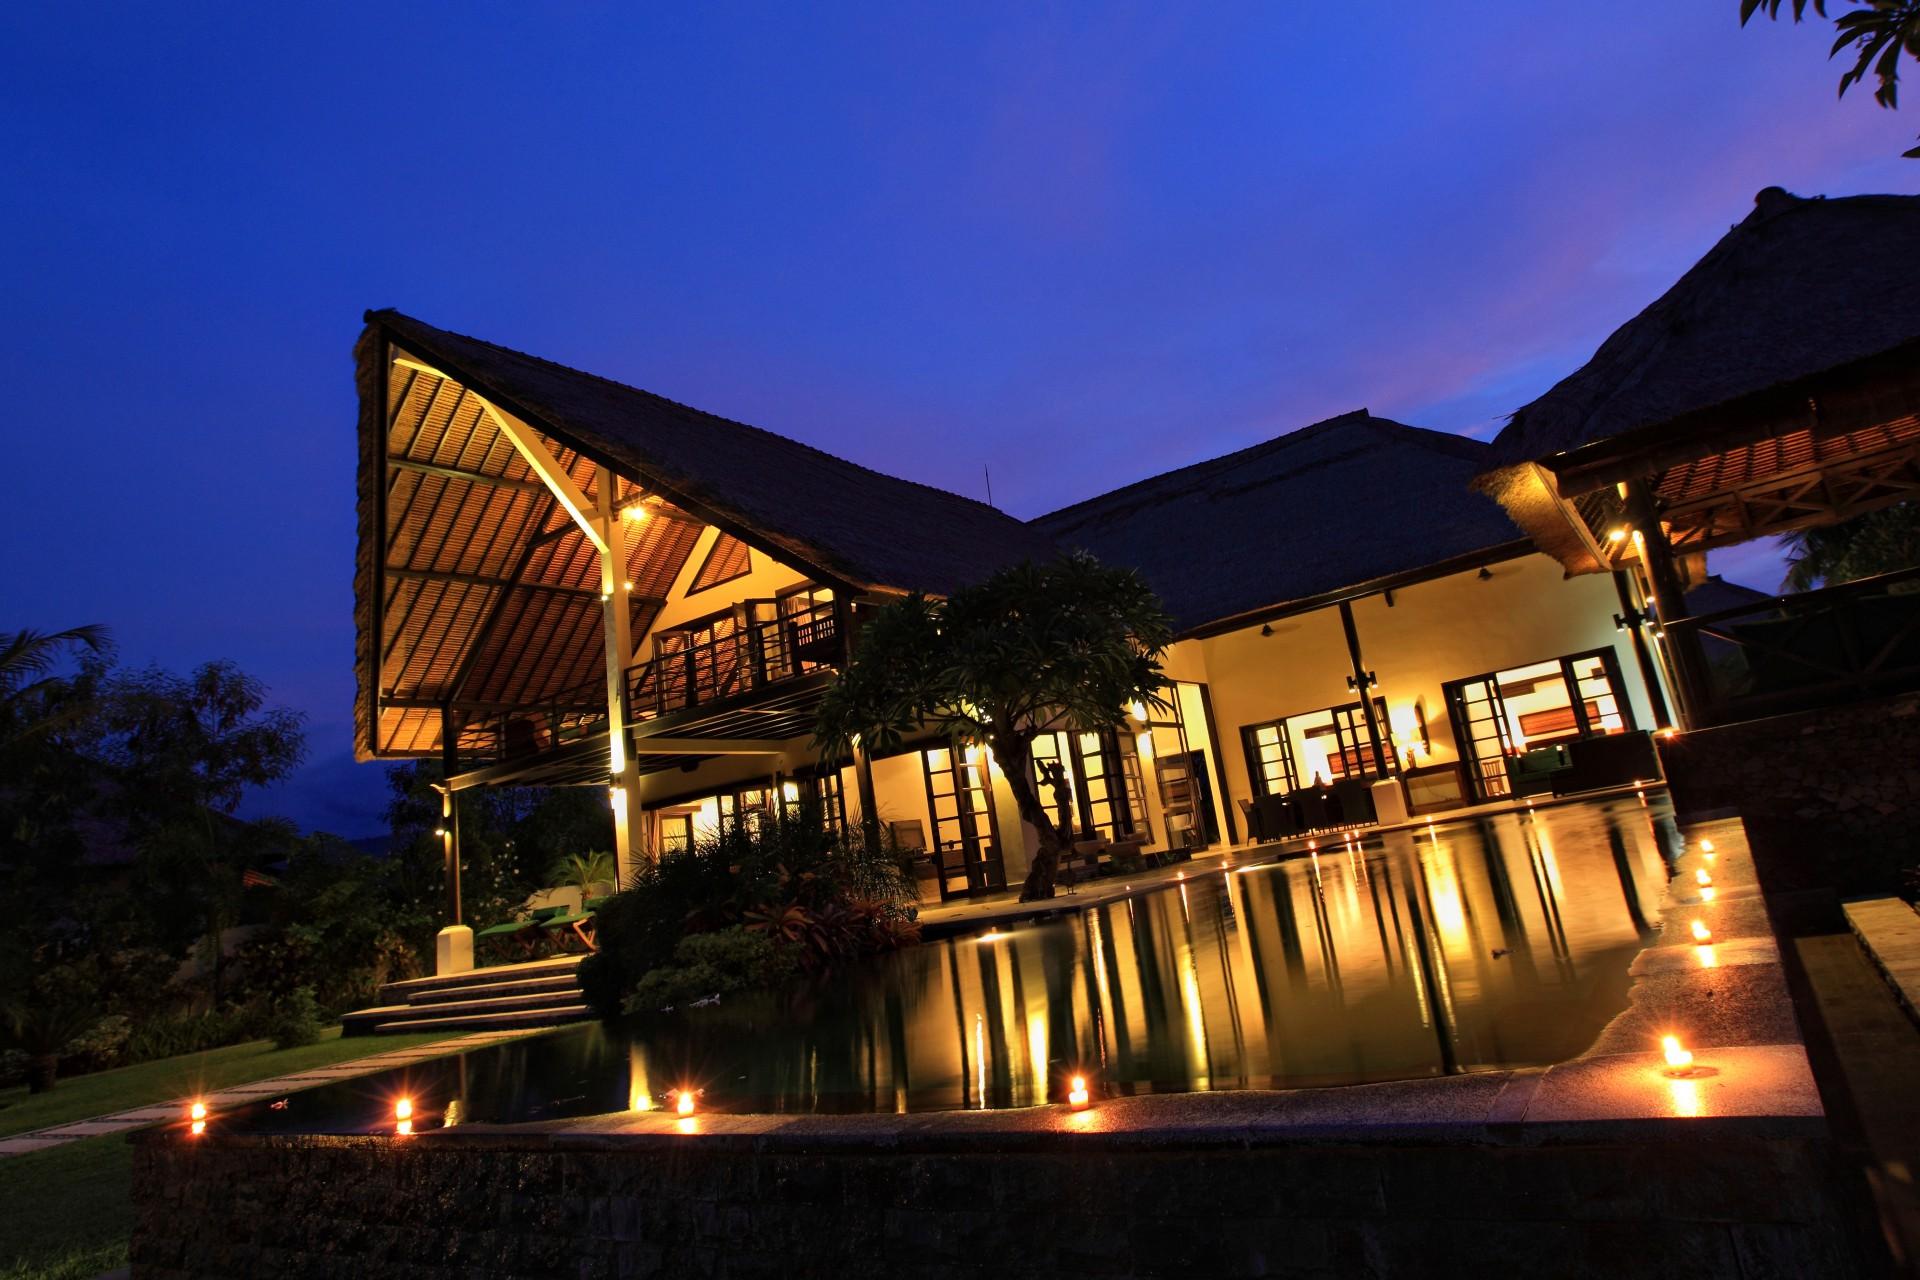 villa baruna by night